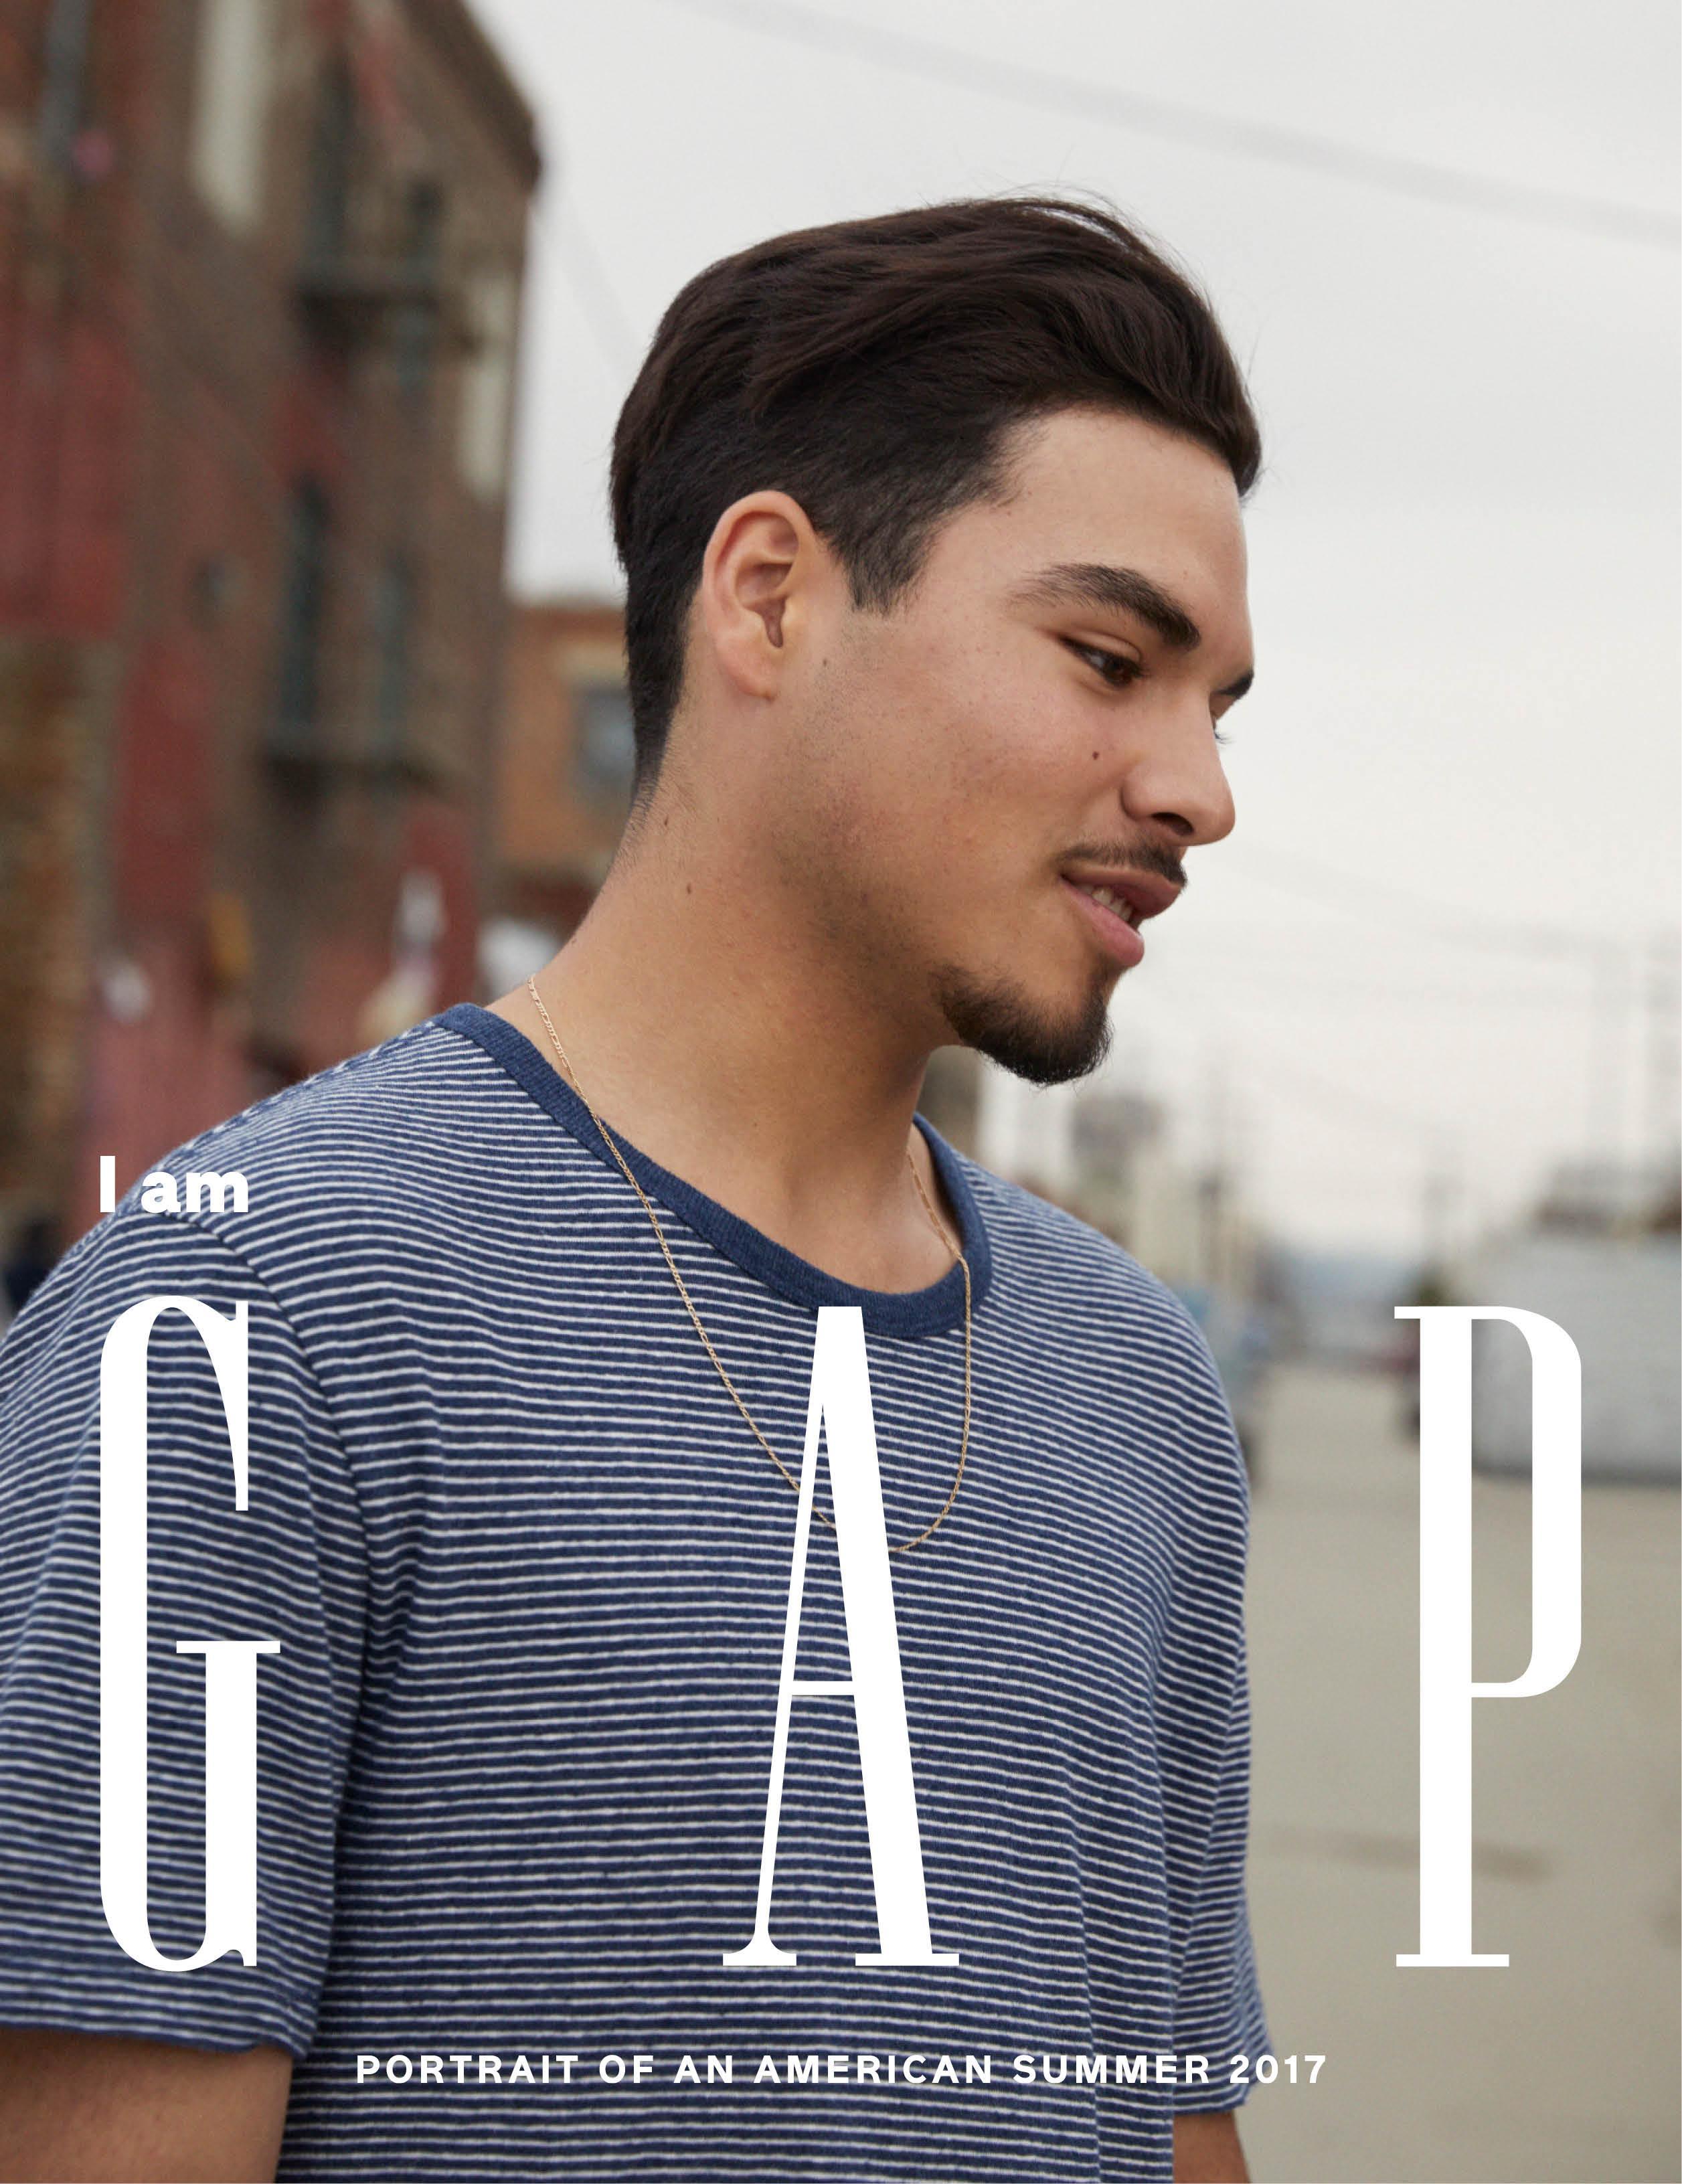 GAP Print Ad - I am GAP, 4